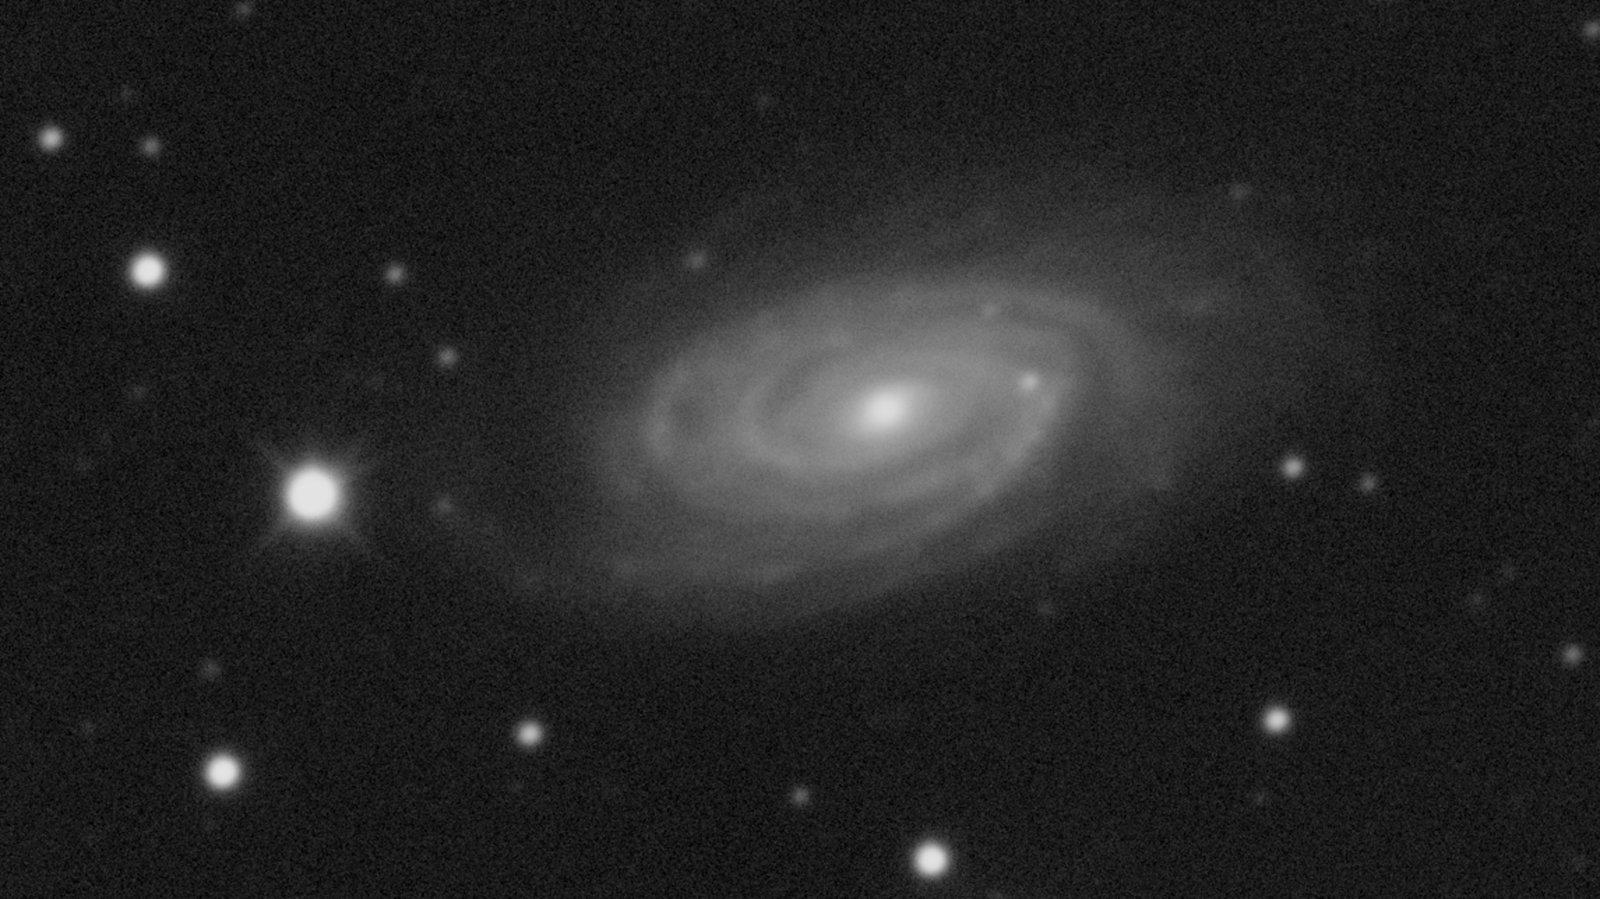 NGC5982_41x120s_B1x1_L_v1_DBEjj.thumb.jpg.09cb9ca7cdf99f23a5a541d04dcf7654.jpg